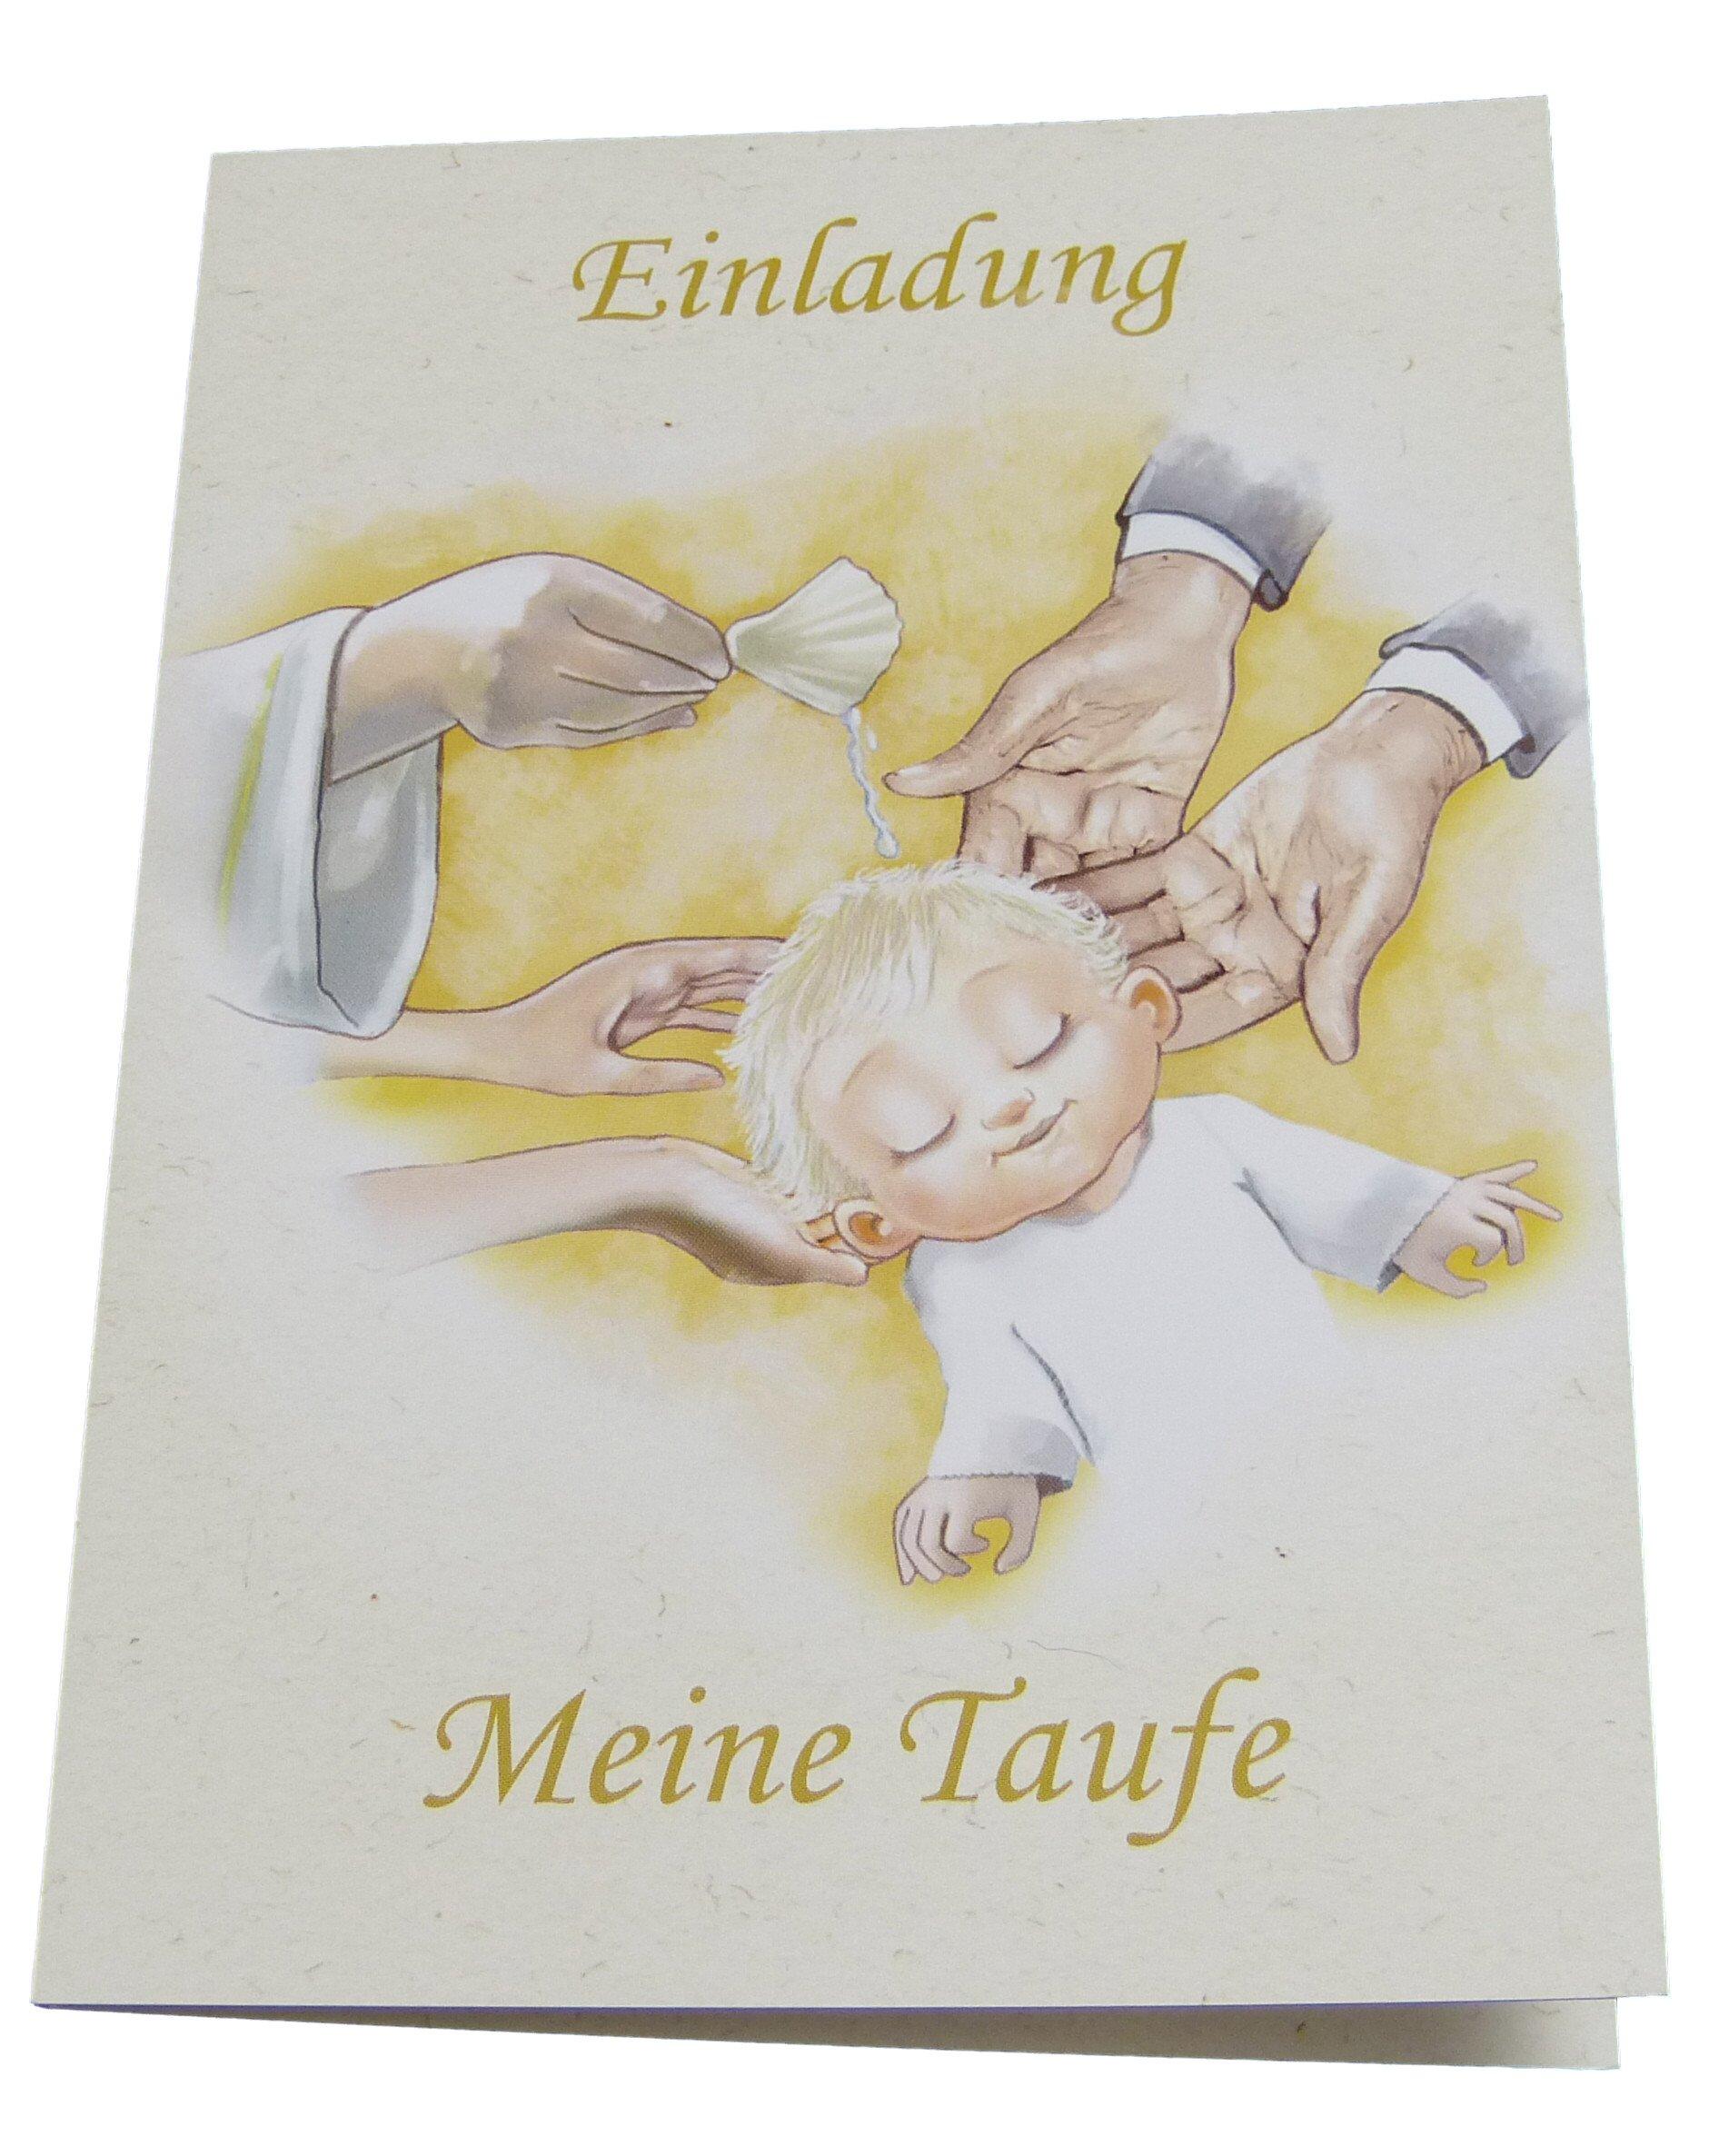 Einladungskarten Zur Taufe Für Junge U0026 Mädchen Im Set   Je 12x Klappkarte  Einladung Meine Taufe